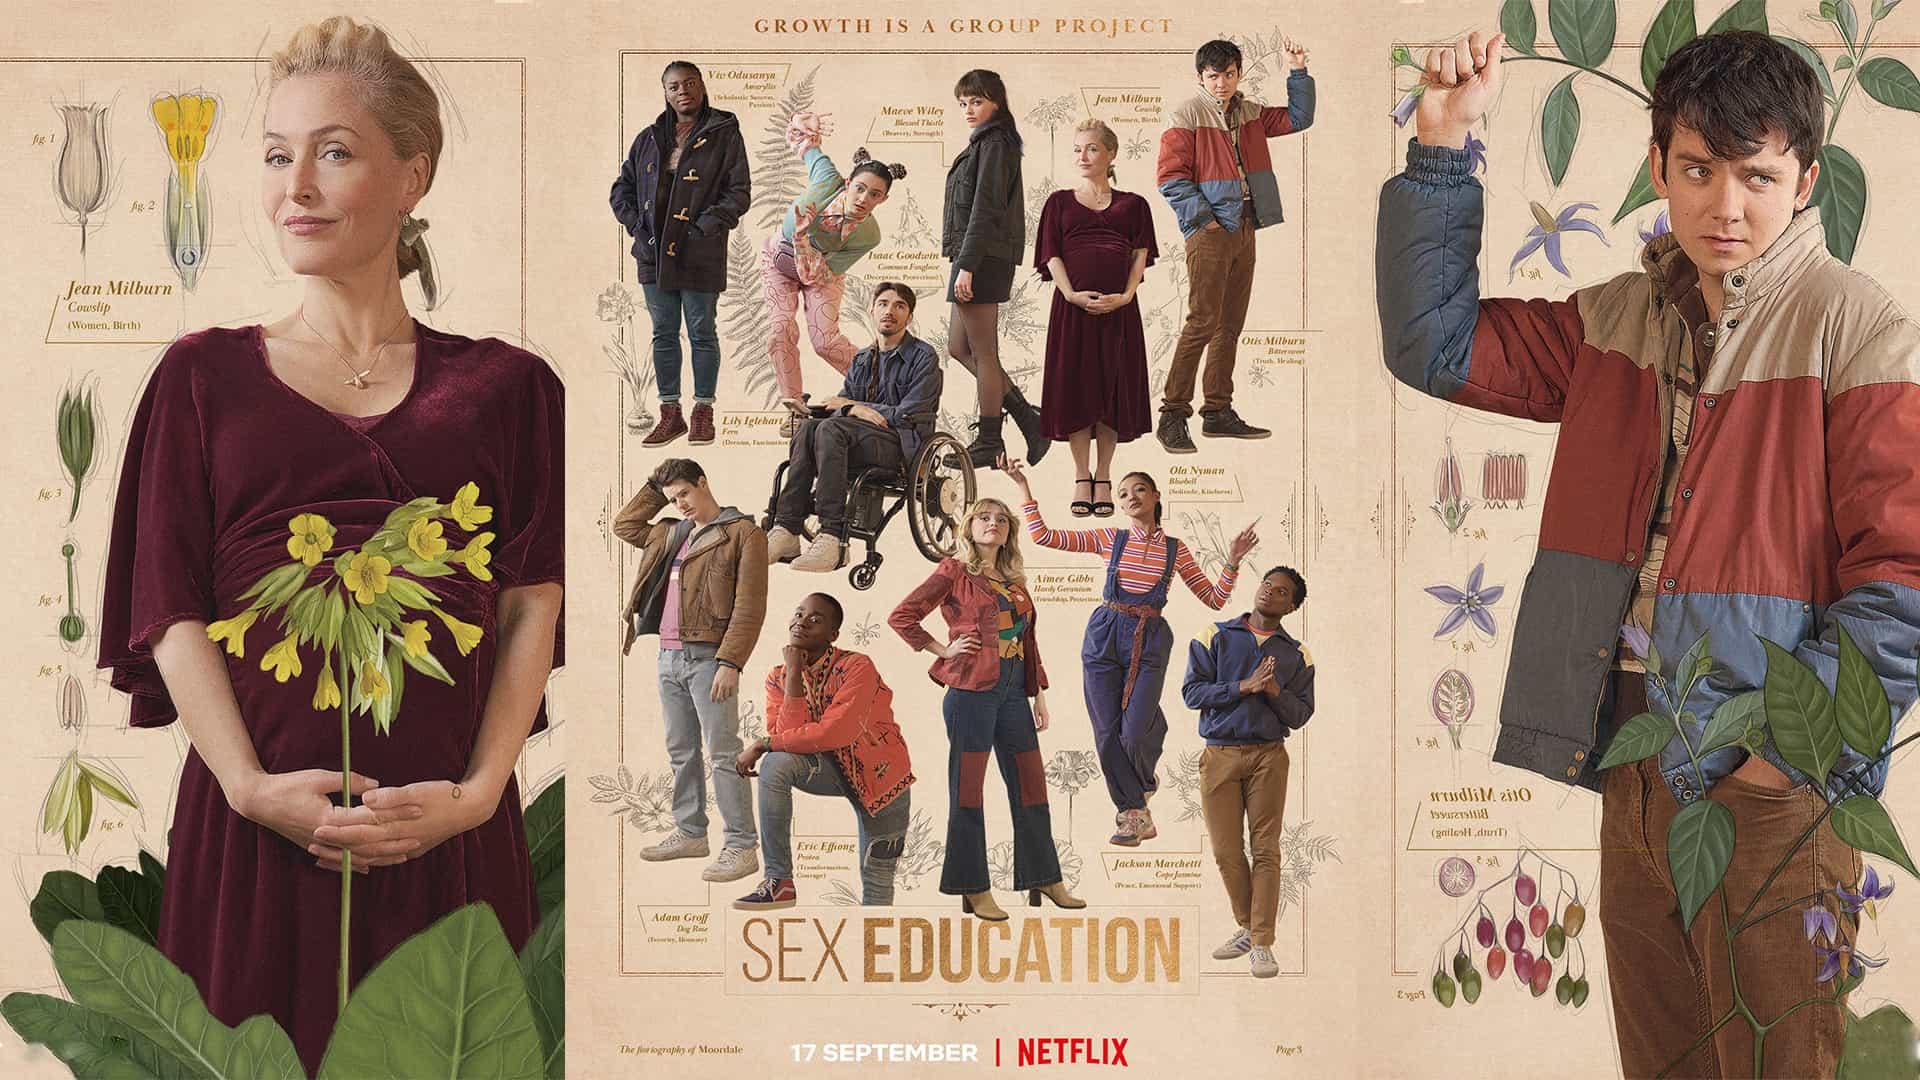 Los fanáticos se vuelven locos por los carteles de la serie 3 de educación sexual de Netflix